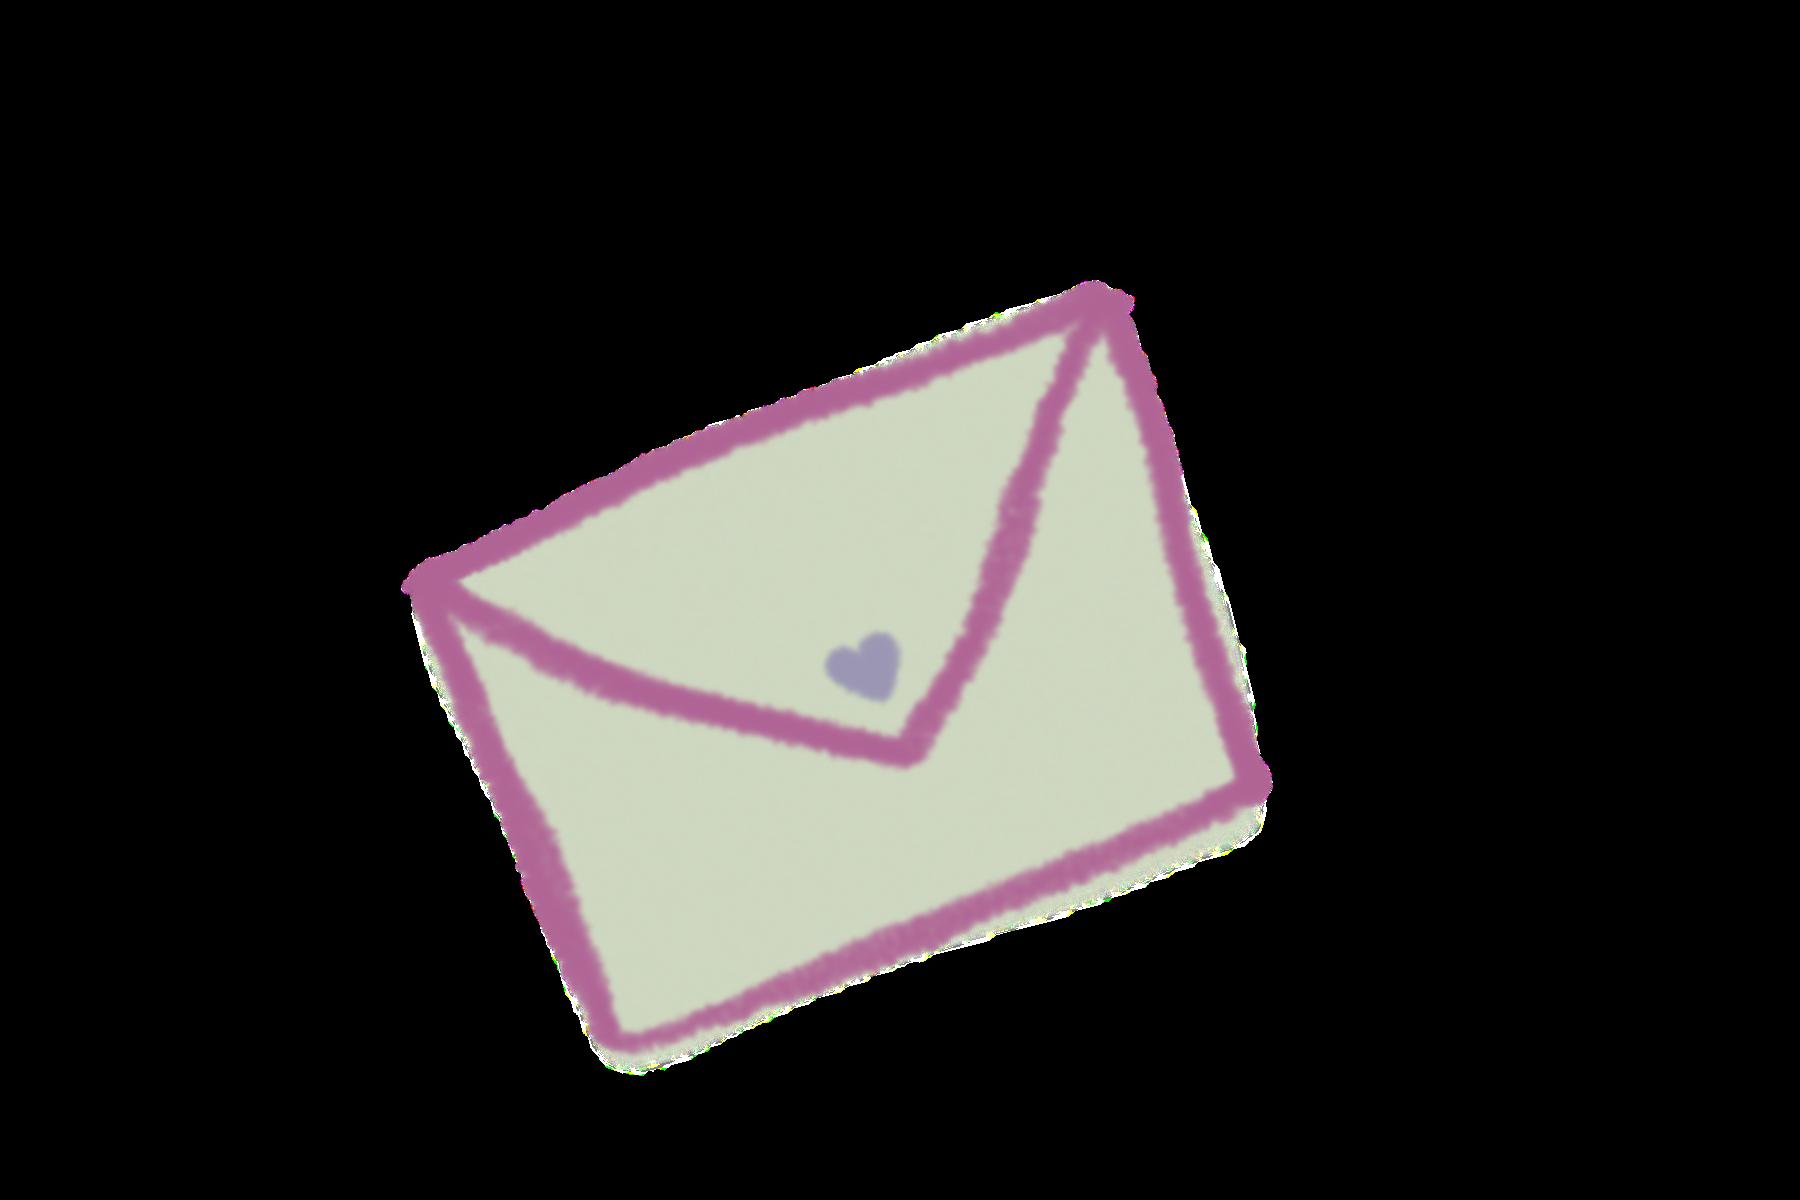 envelope3.png